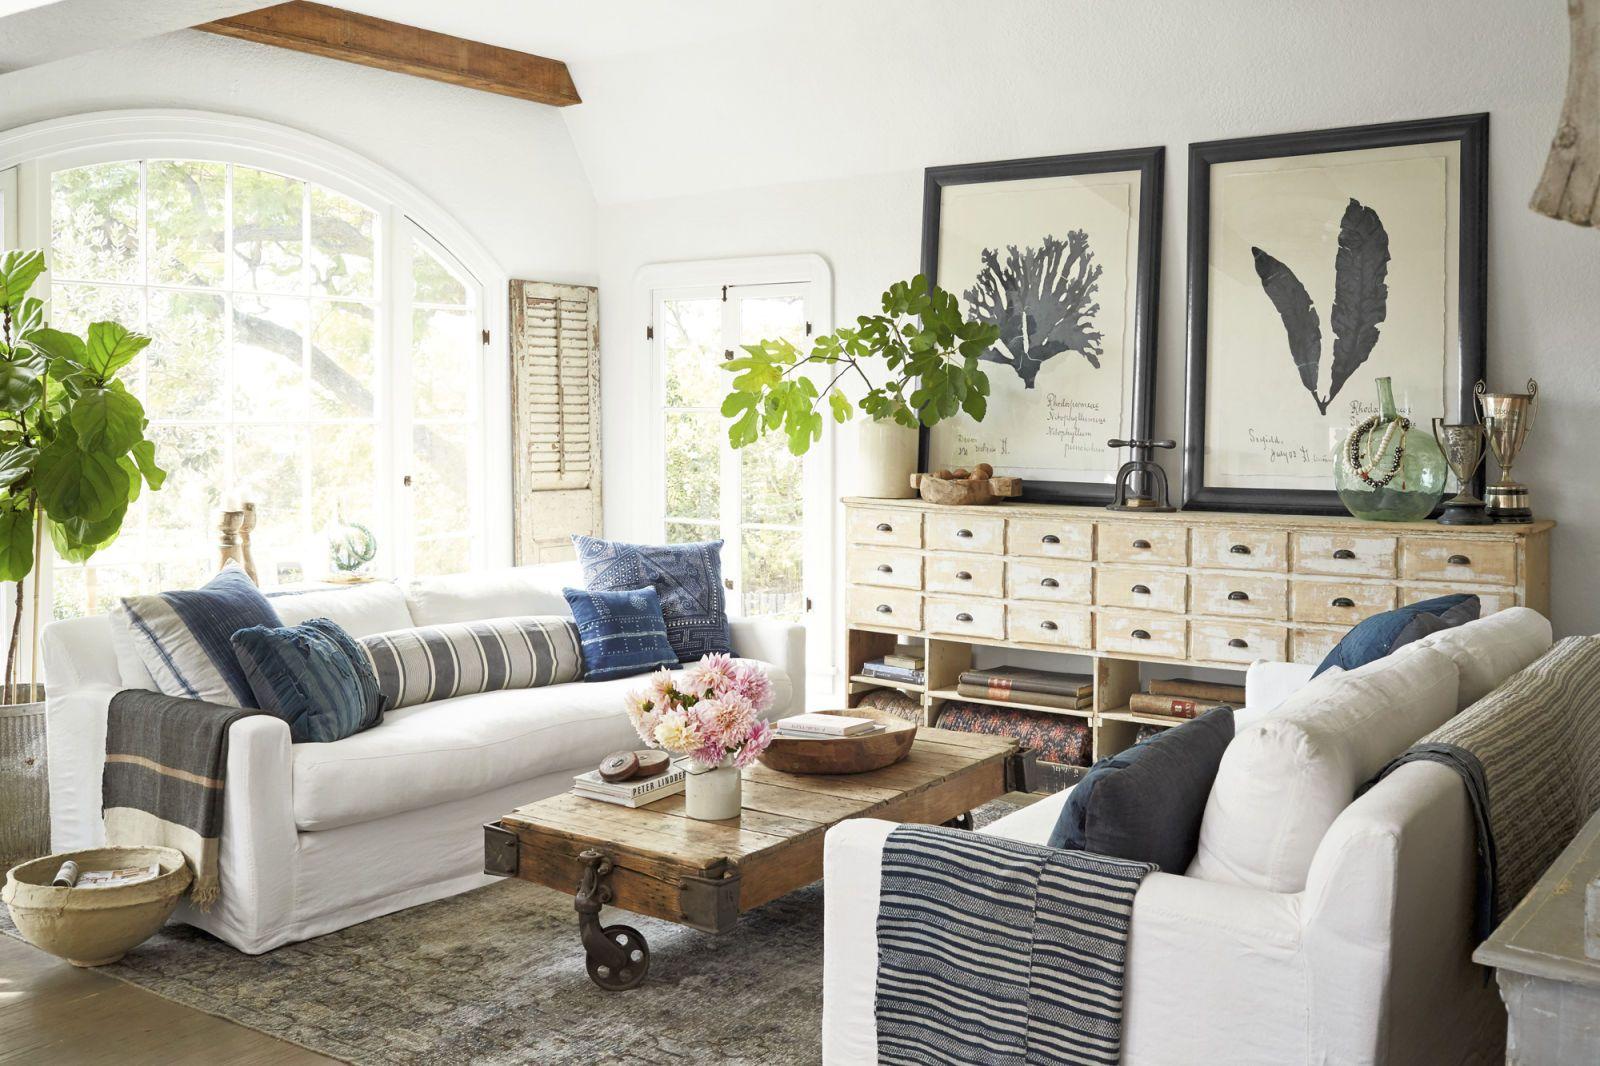 100 living room decorating ideas design photos of family rooms rh countryliving com living room decor ideas 2018 livingroom deko